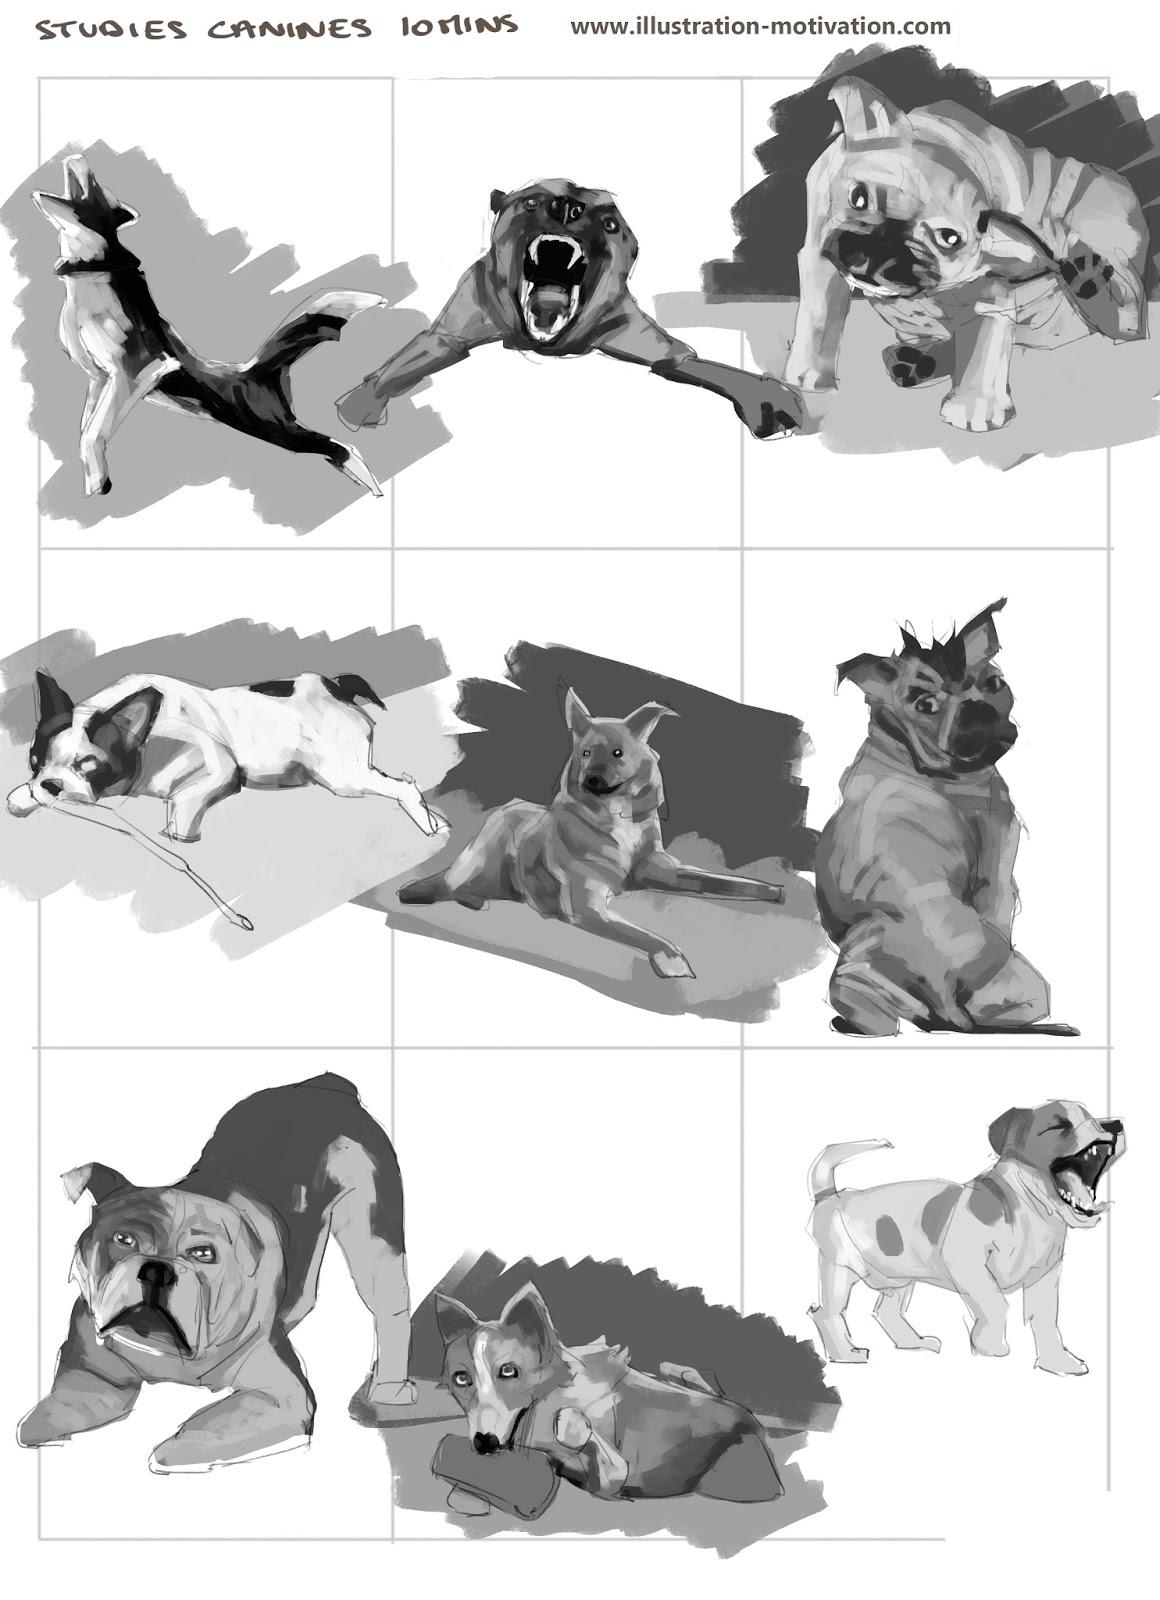 [SPOLYK] - Geometries & sketches 117